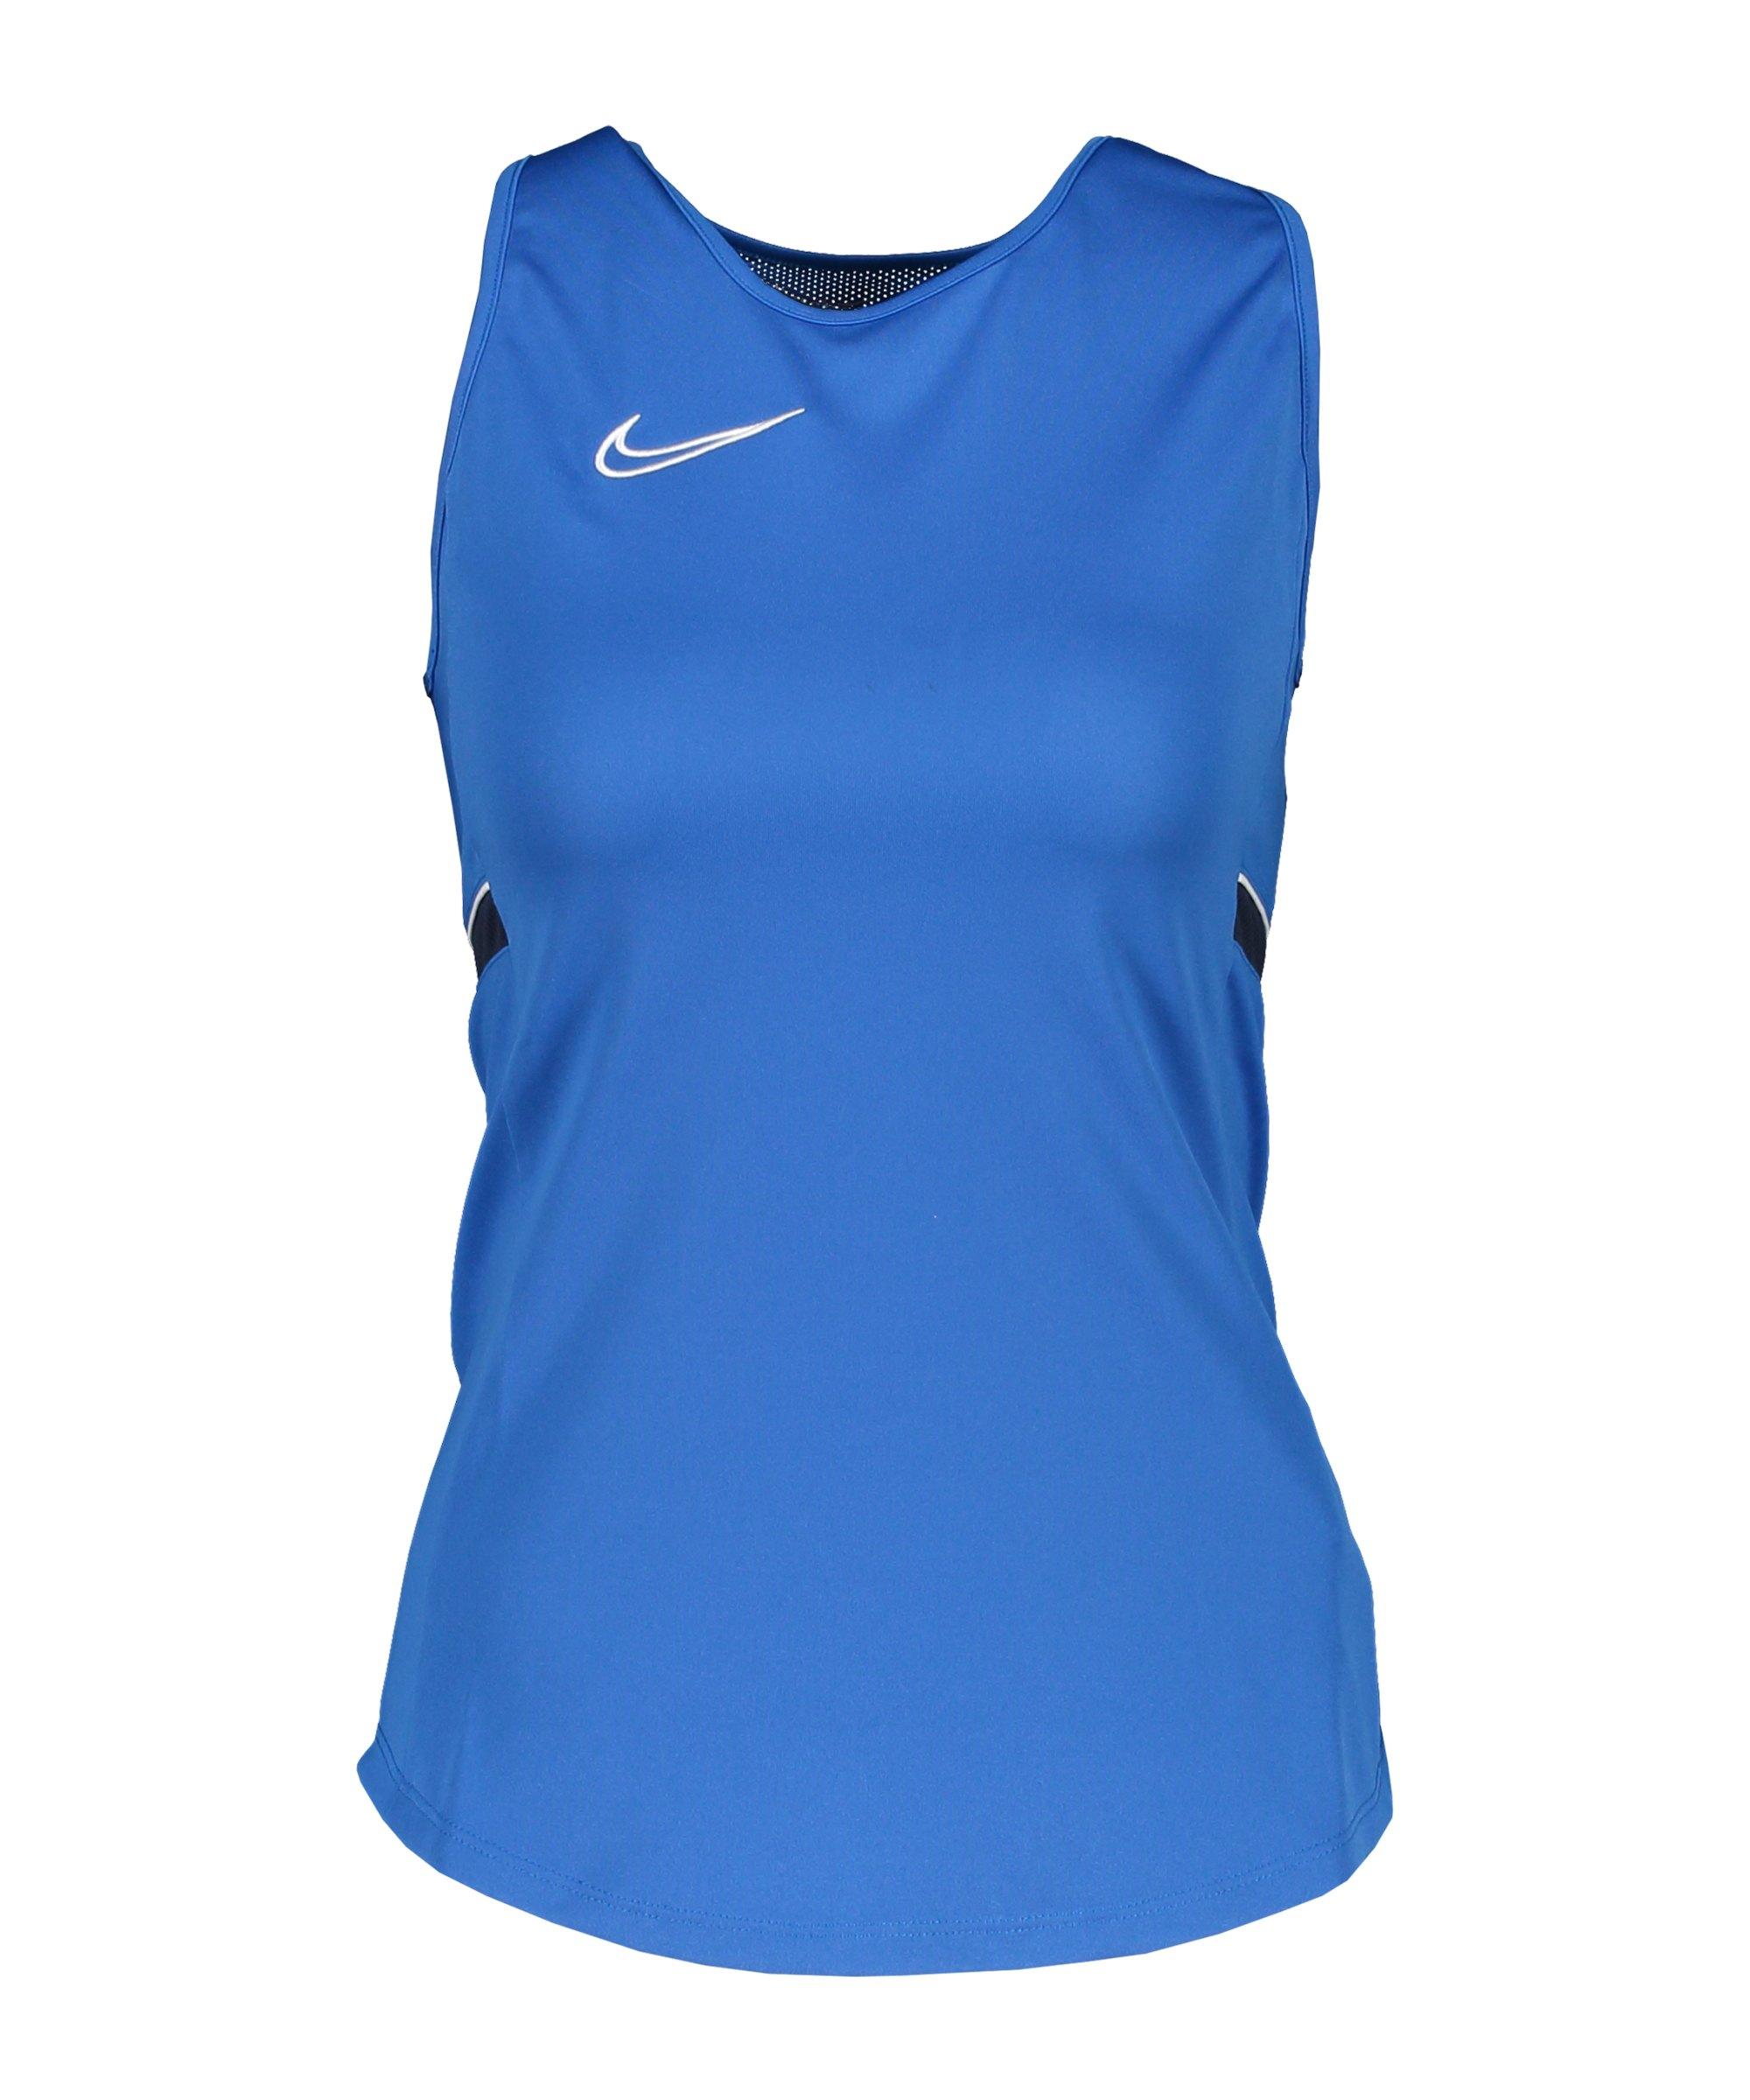 Nike Academy 21 Tanktop Damen Blau F463 - blau